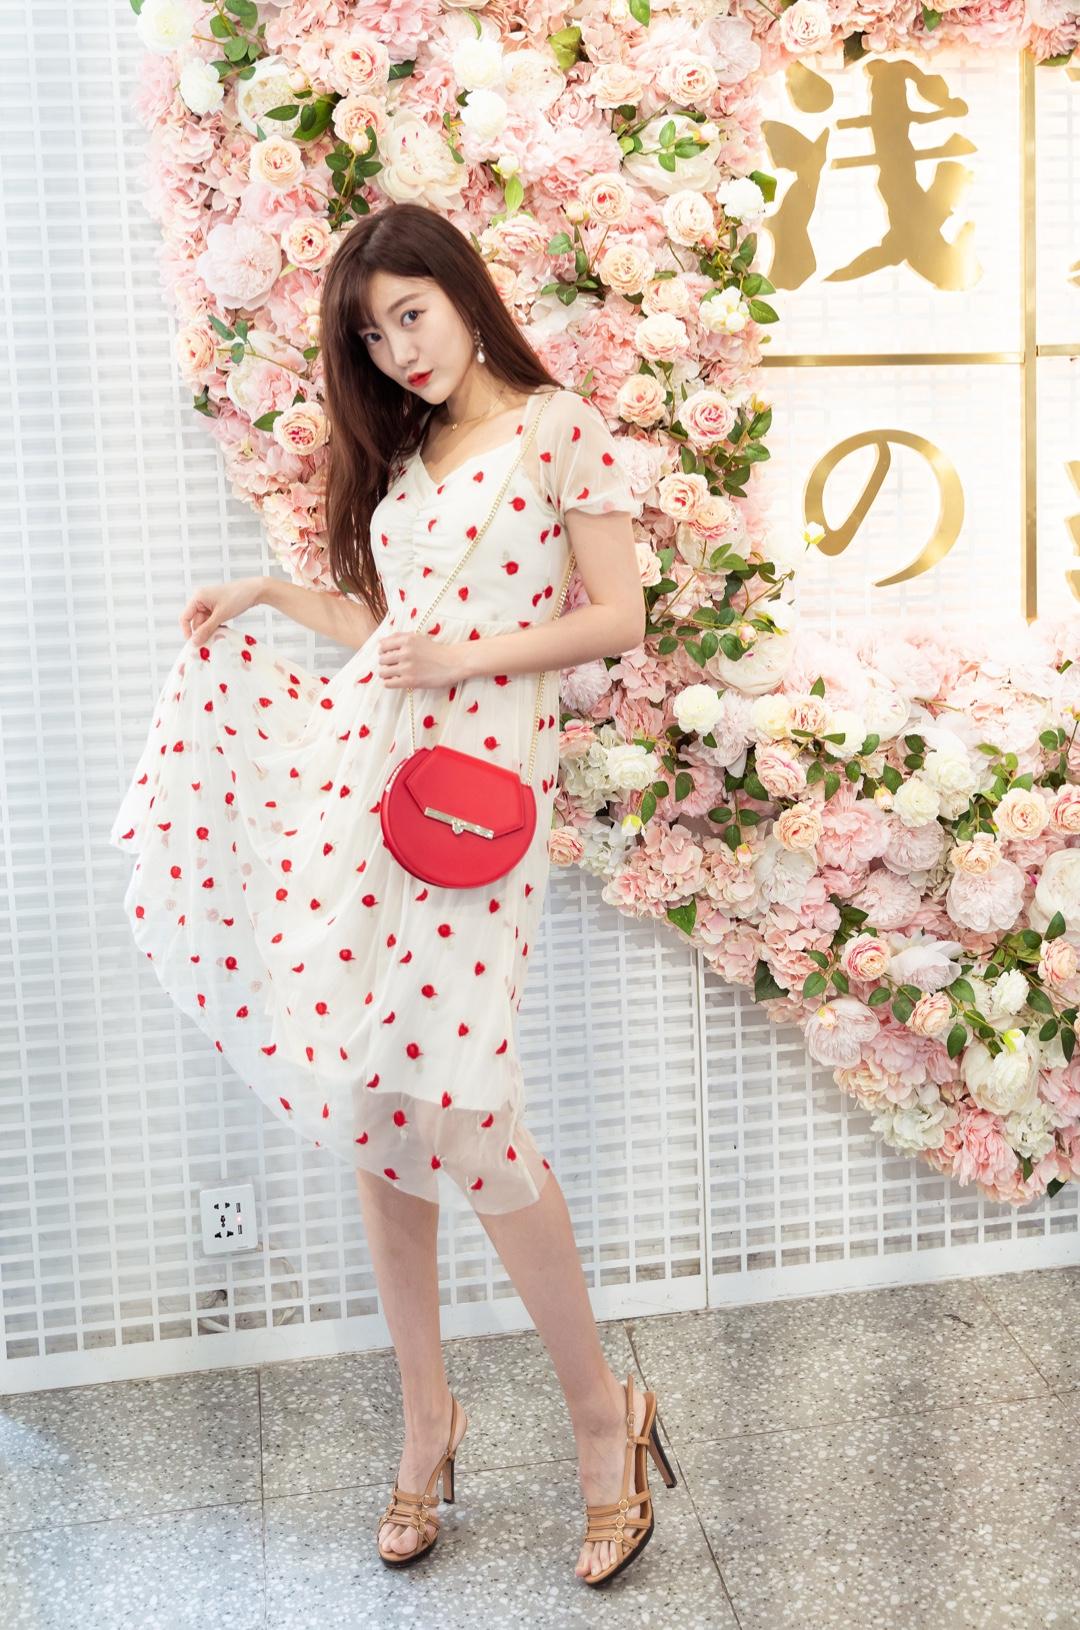 #石原里美OL风,又美又飒!# 穿上我的走一天路也不累的bally战鞋 搭配糖果红色系网纱连衣裙 复古的版型更加优雅 红色的包包符合七夕节日氛围 更加夺目哦